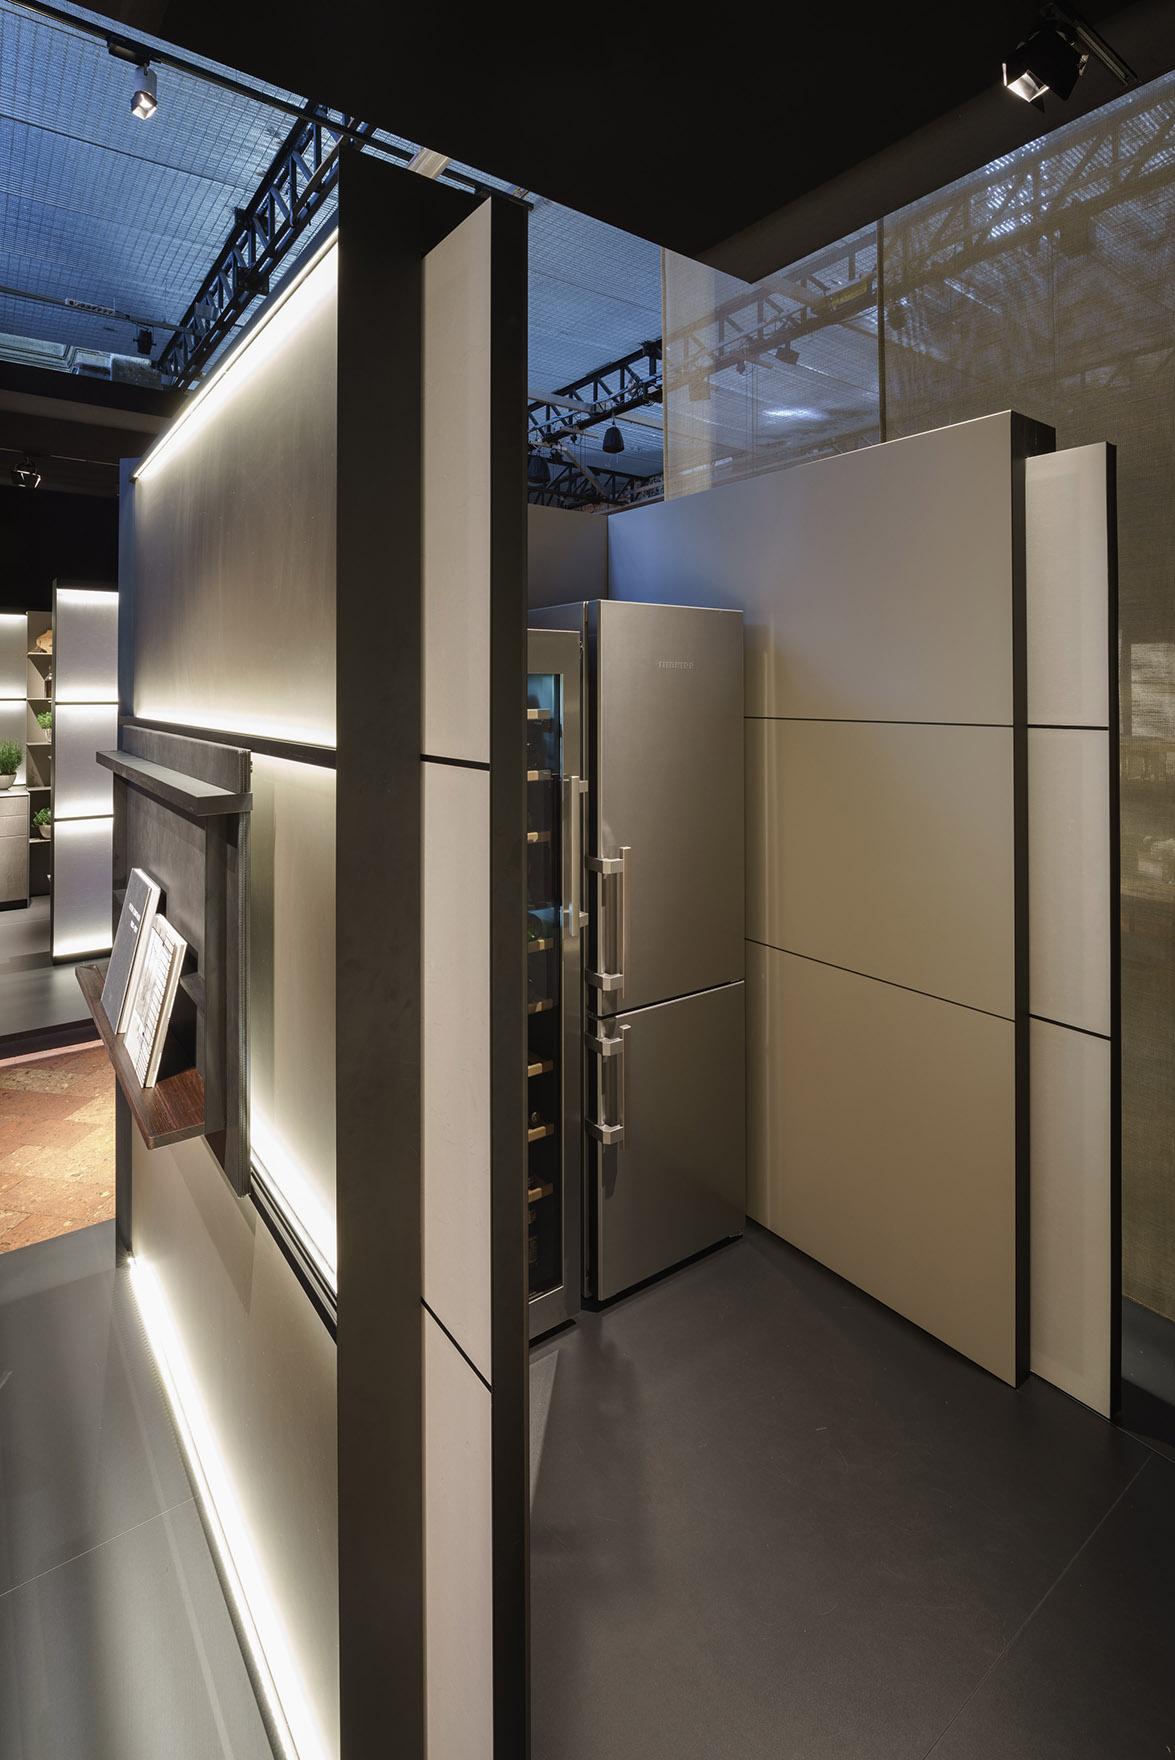 b3_Milan_room-creating_walls_with_door